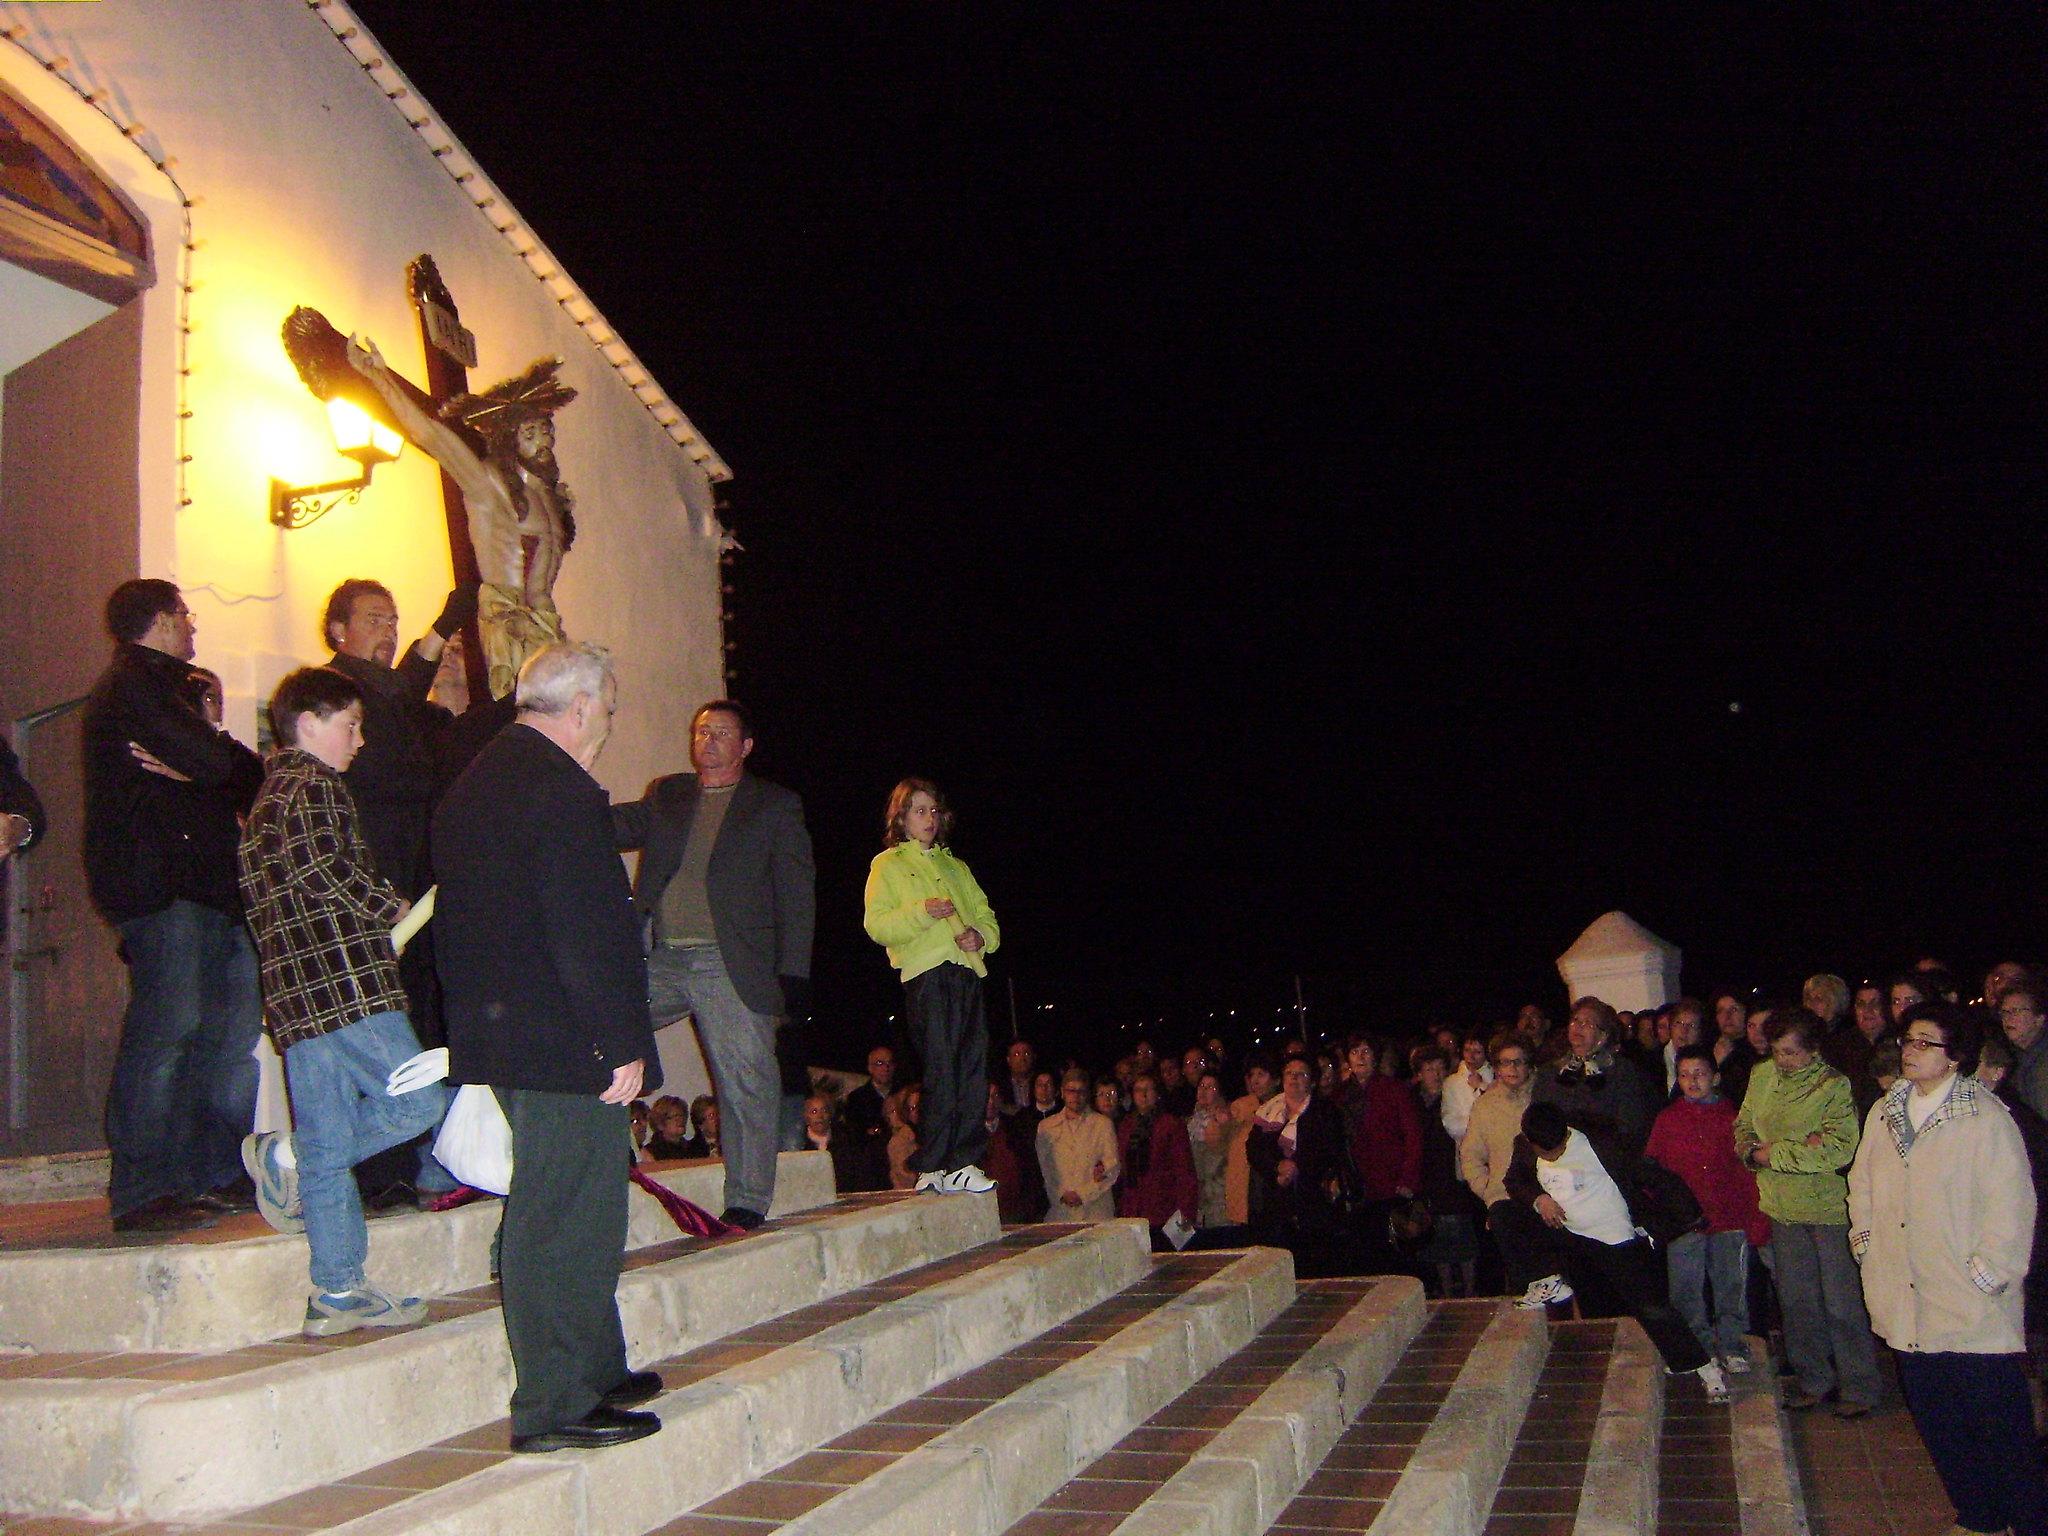 (2010-03-26) - I Vía Crucis nocturno - Javier Romero Ripoll - (21)